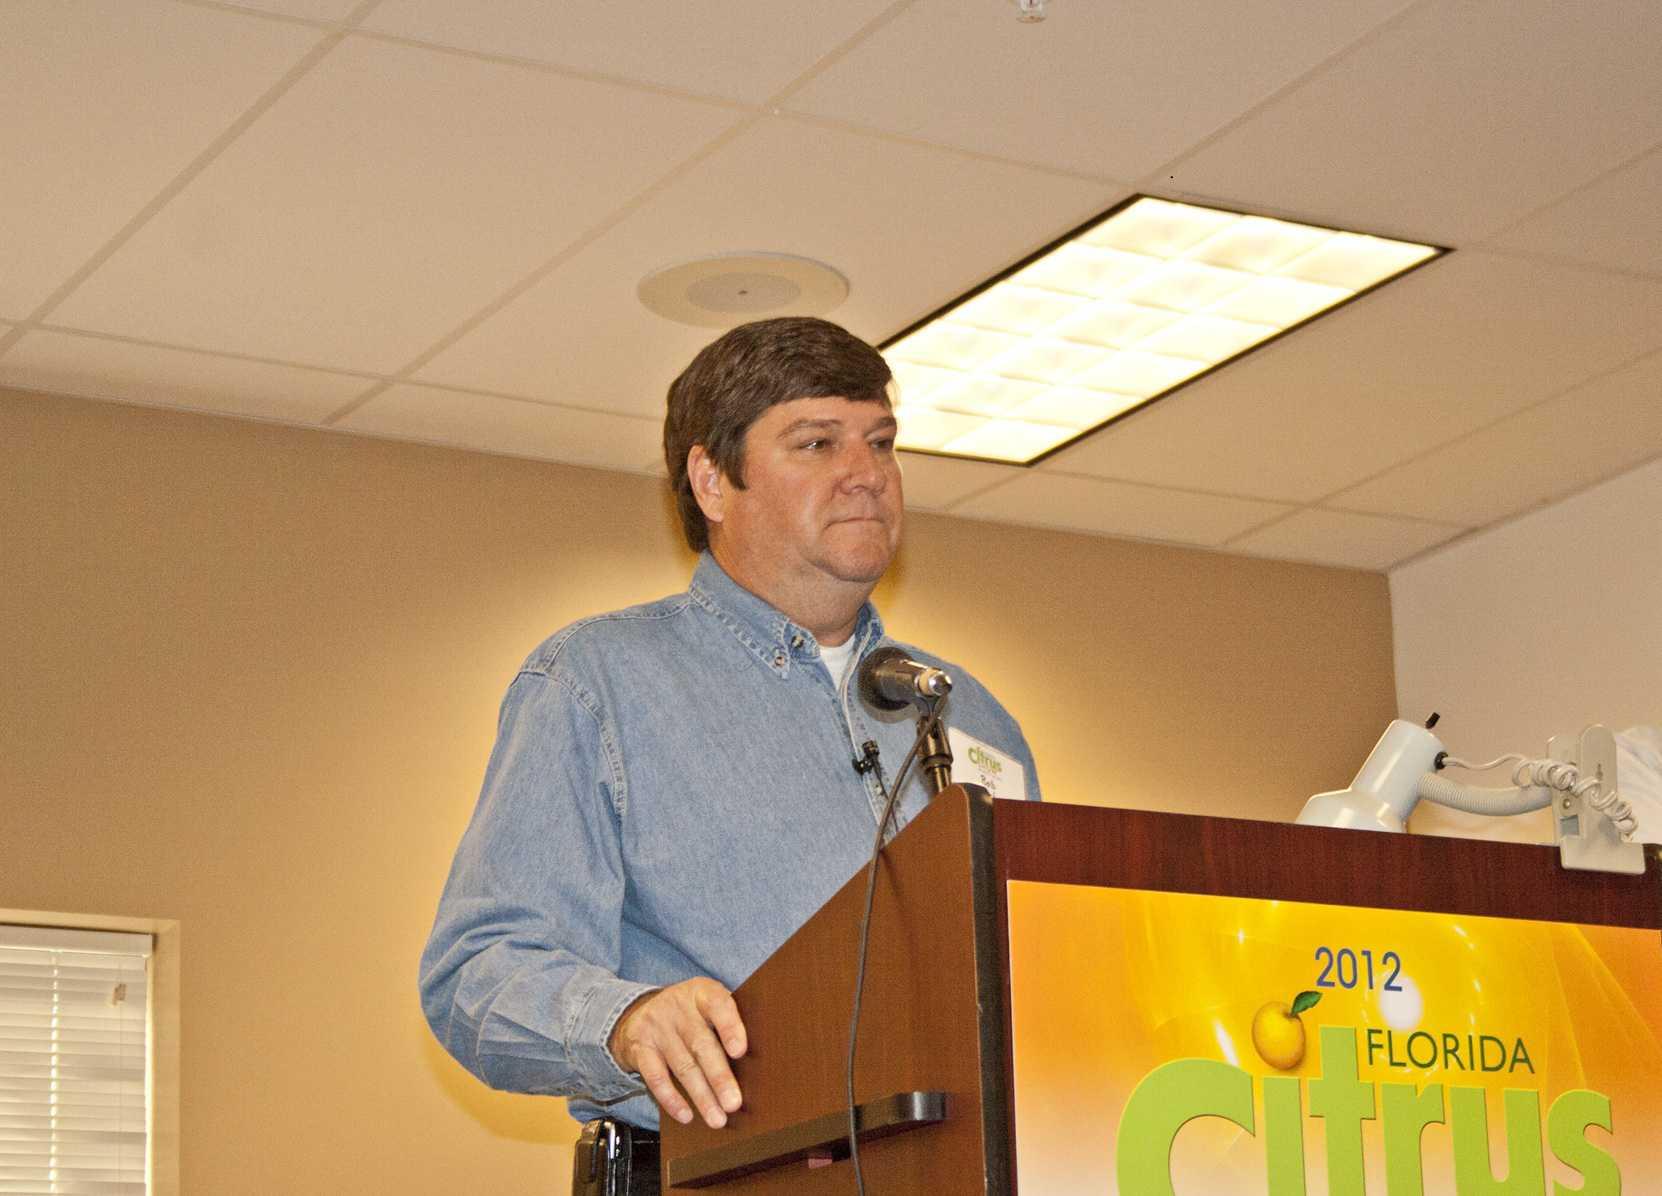 Florida Citrus Official Calls It Quits